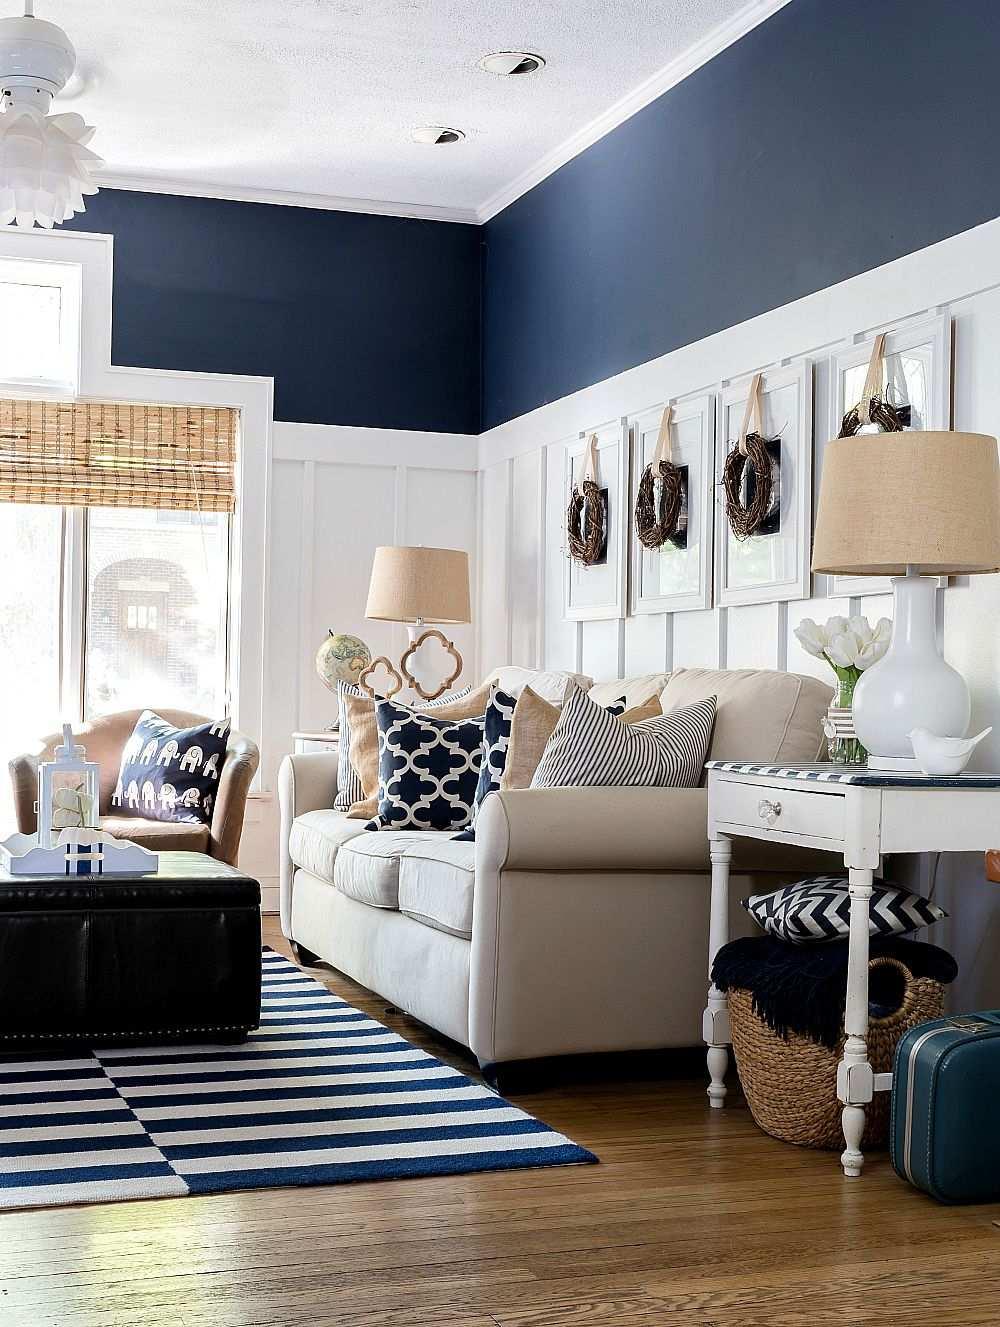 stili-diversi-soggiorno-piccolo-7